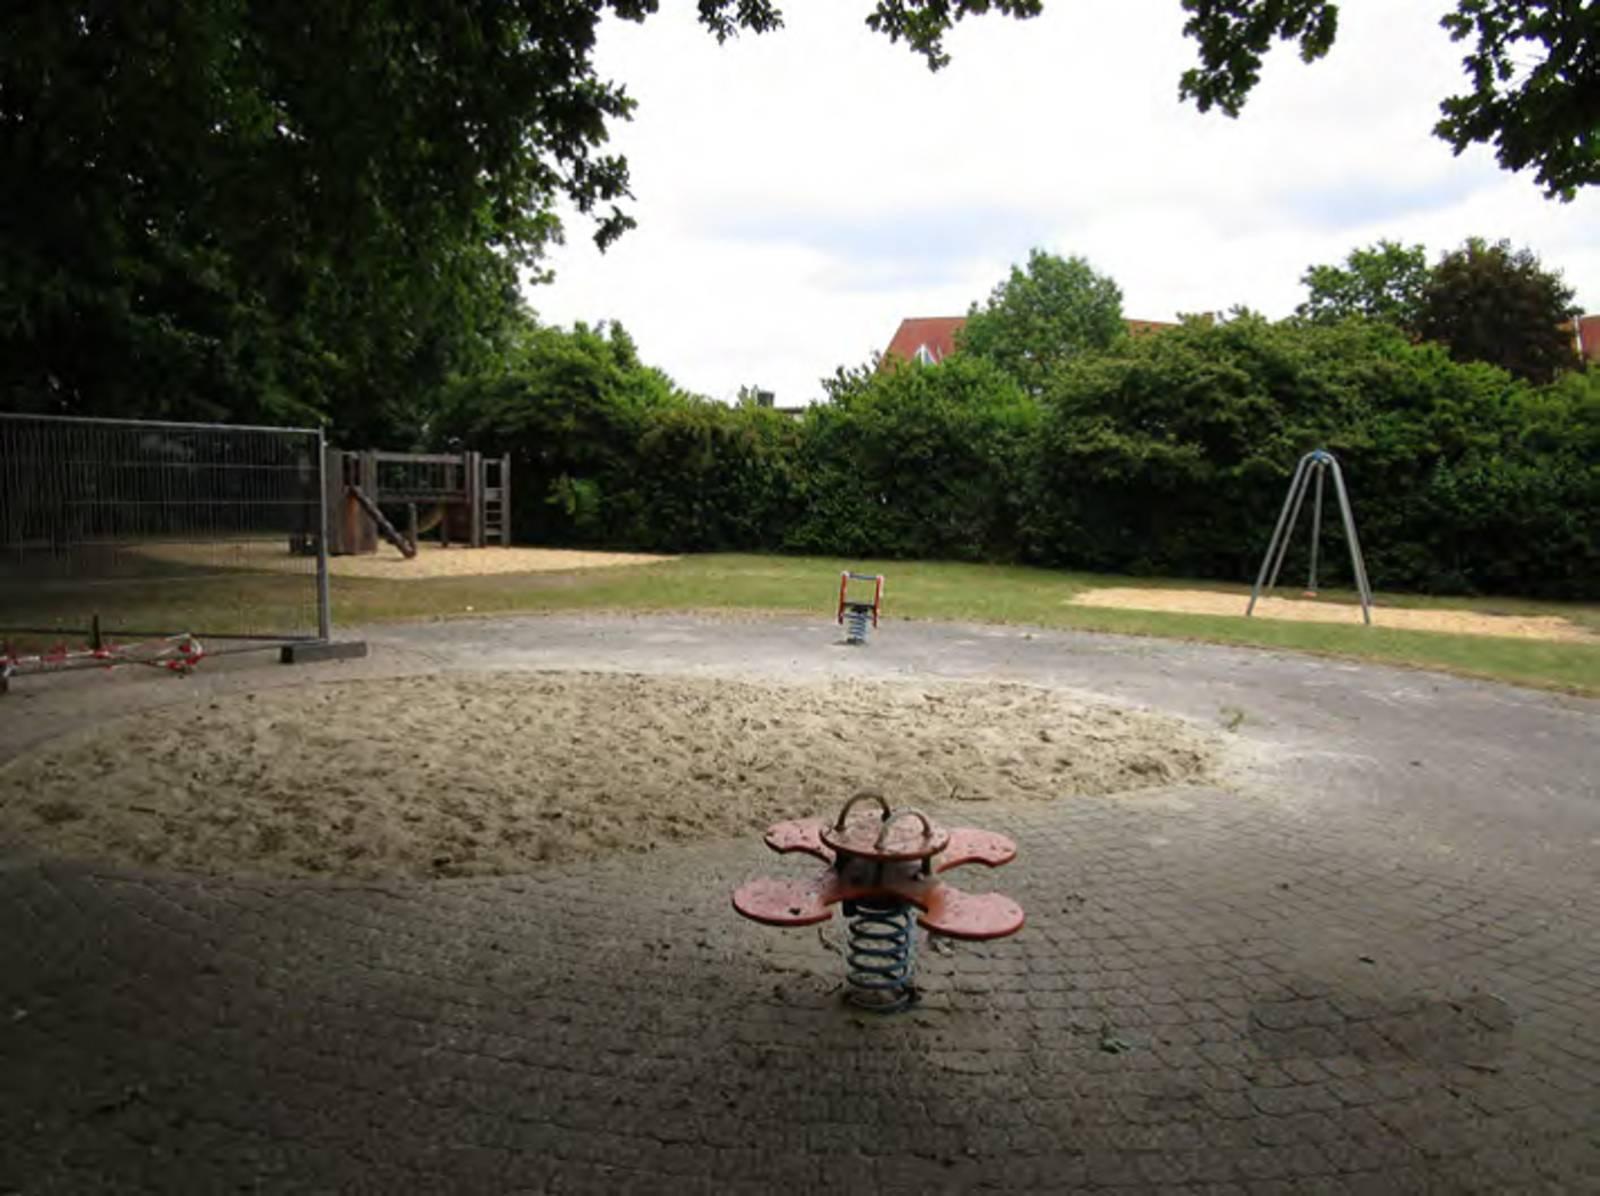 Weitläufiger Spielplatz mti mehreren Sandflächen und Spielgeräten